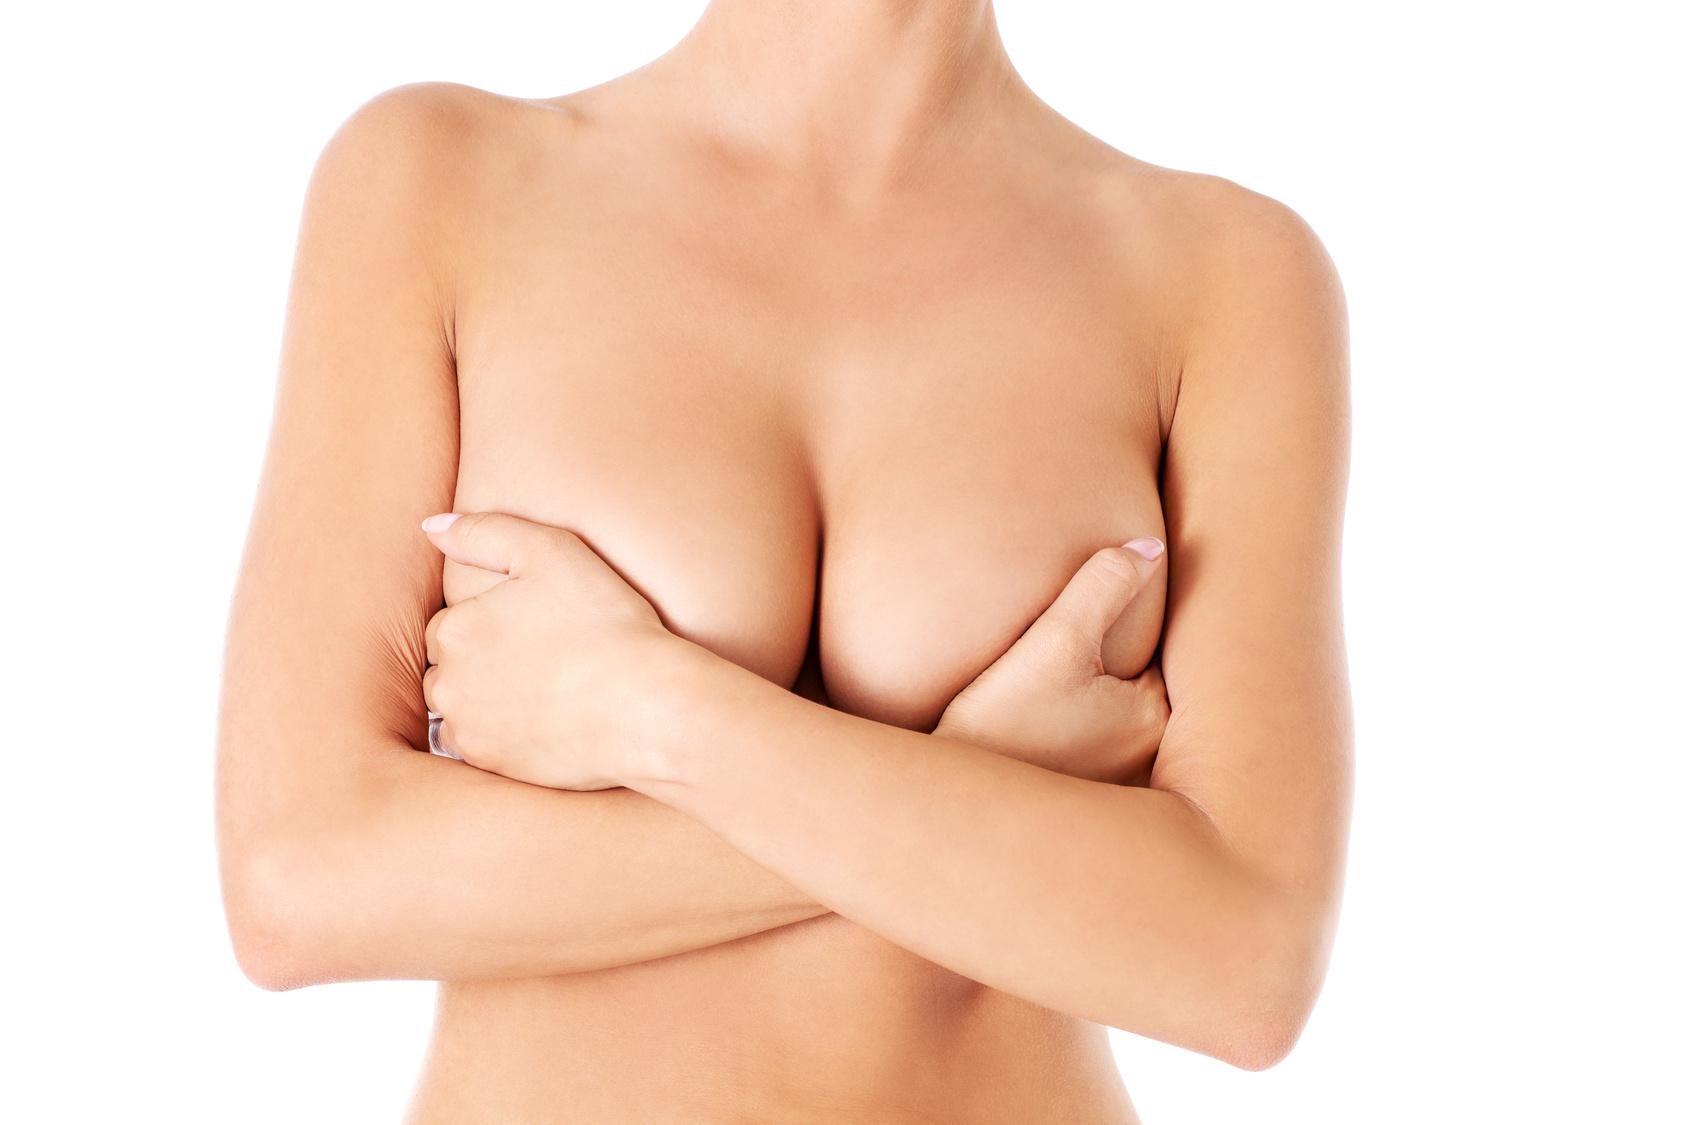 Korrektur einer Brustfehlbildung